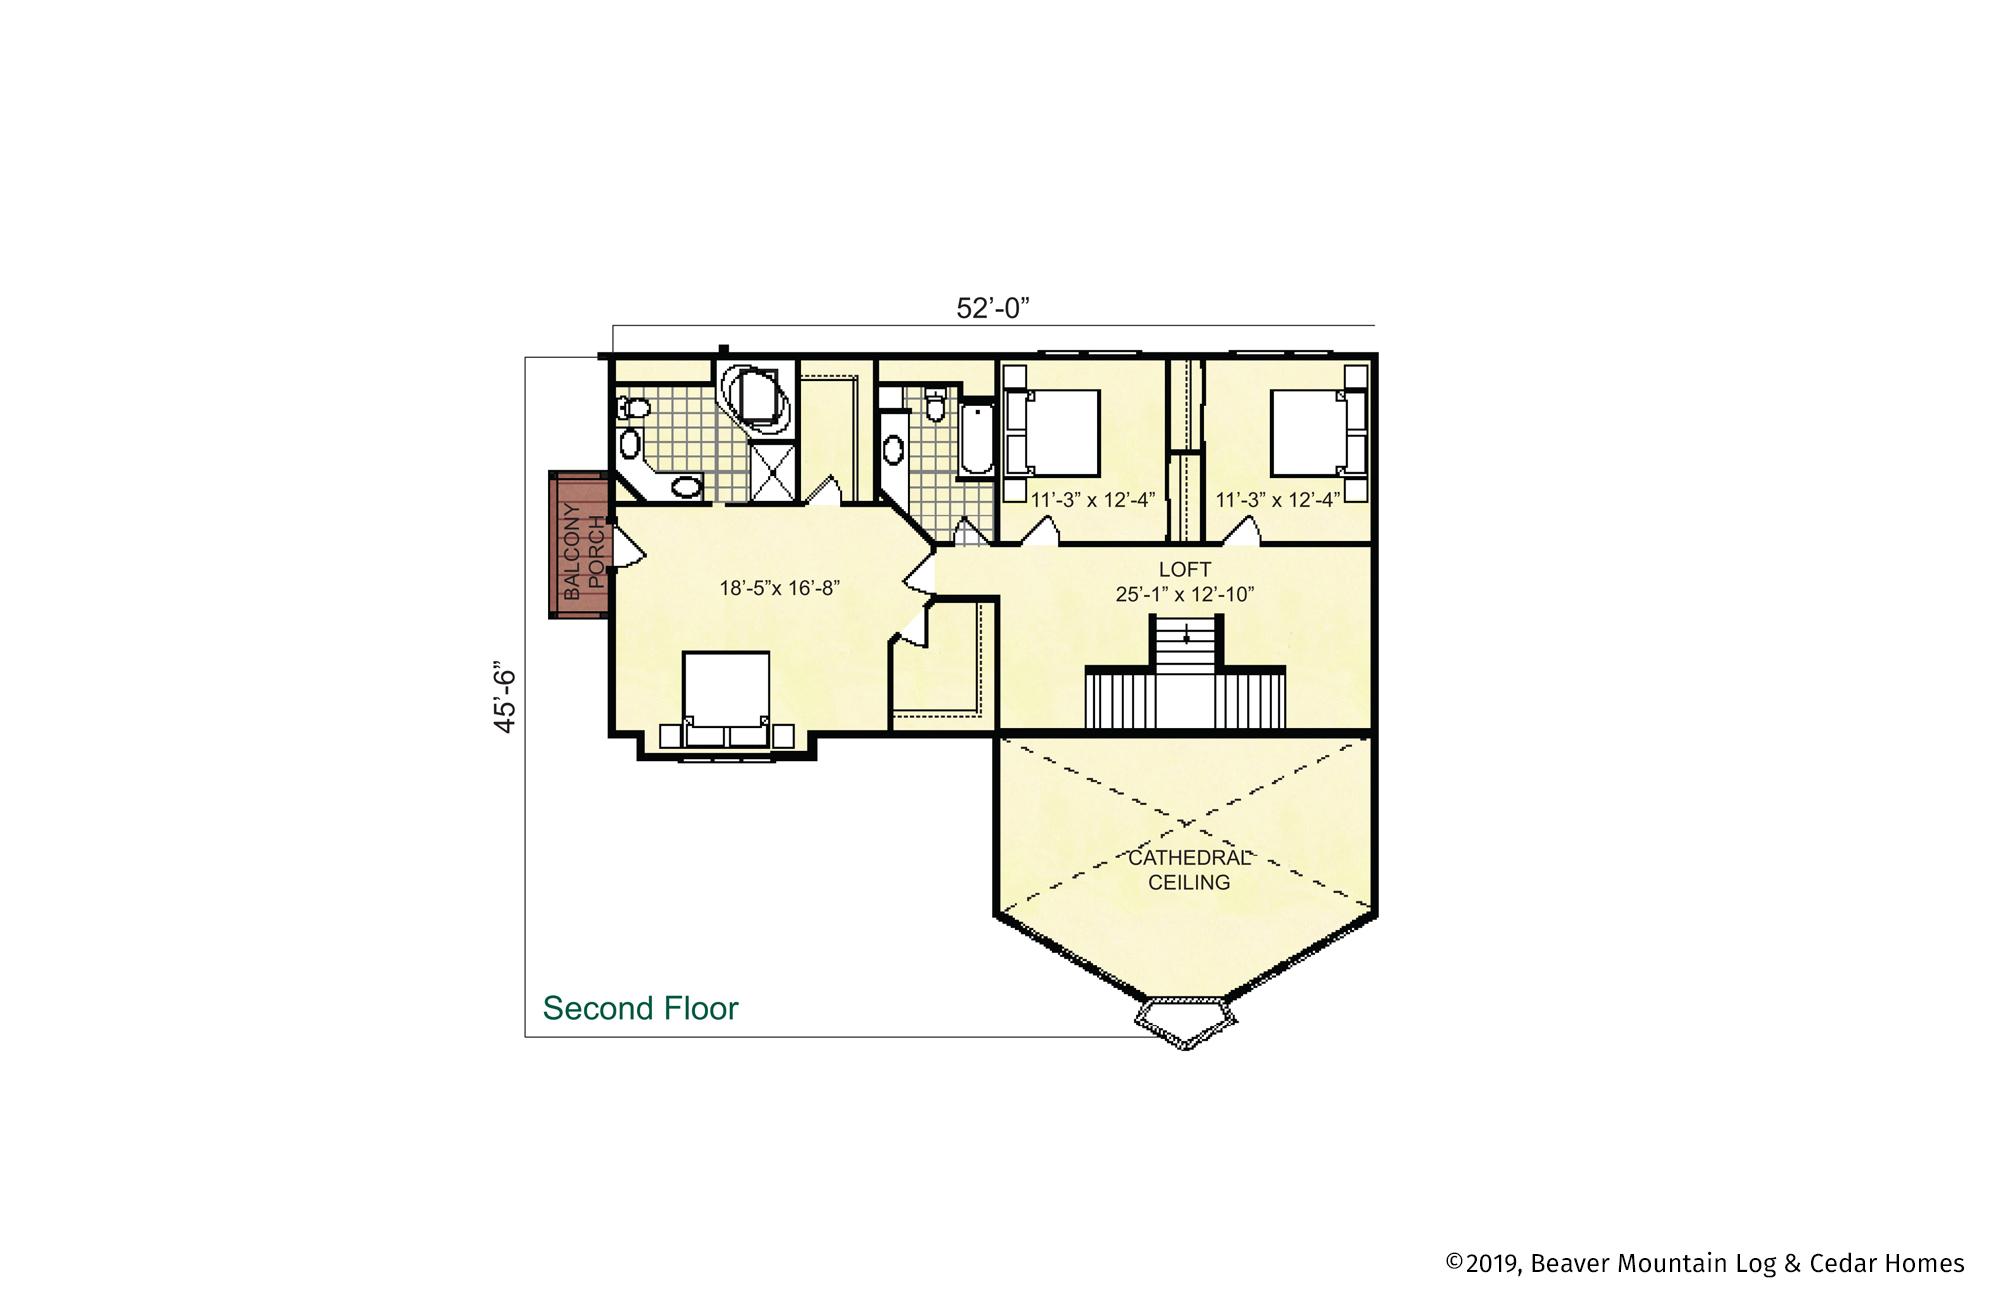 Beaver Mountain Log Homes Grand George Upper Level Floor Plan